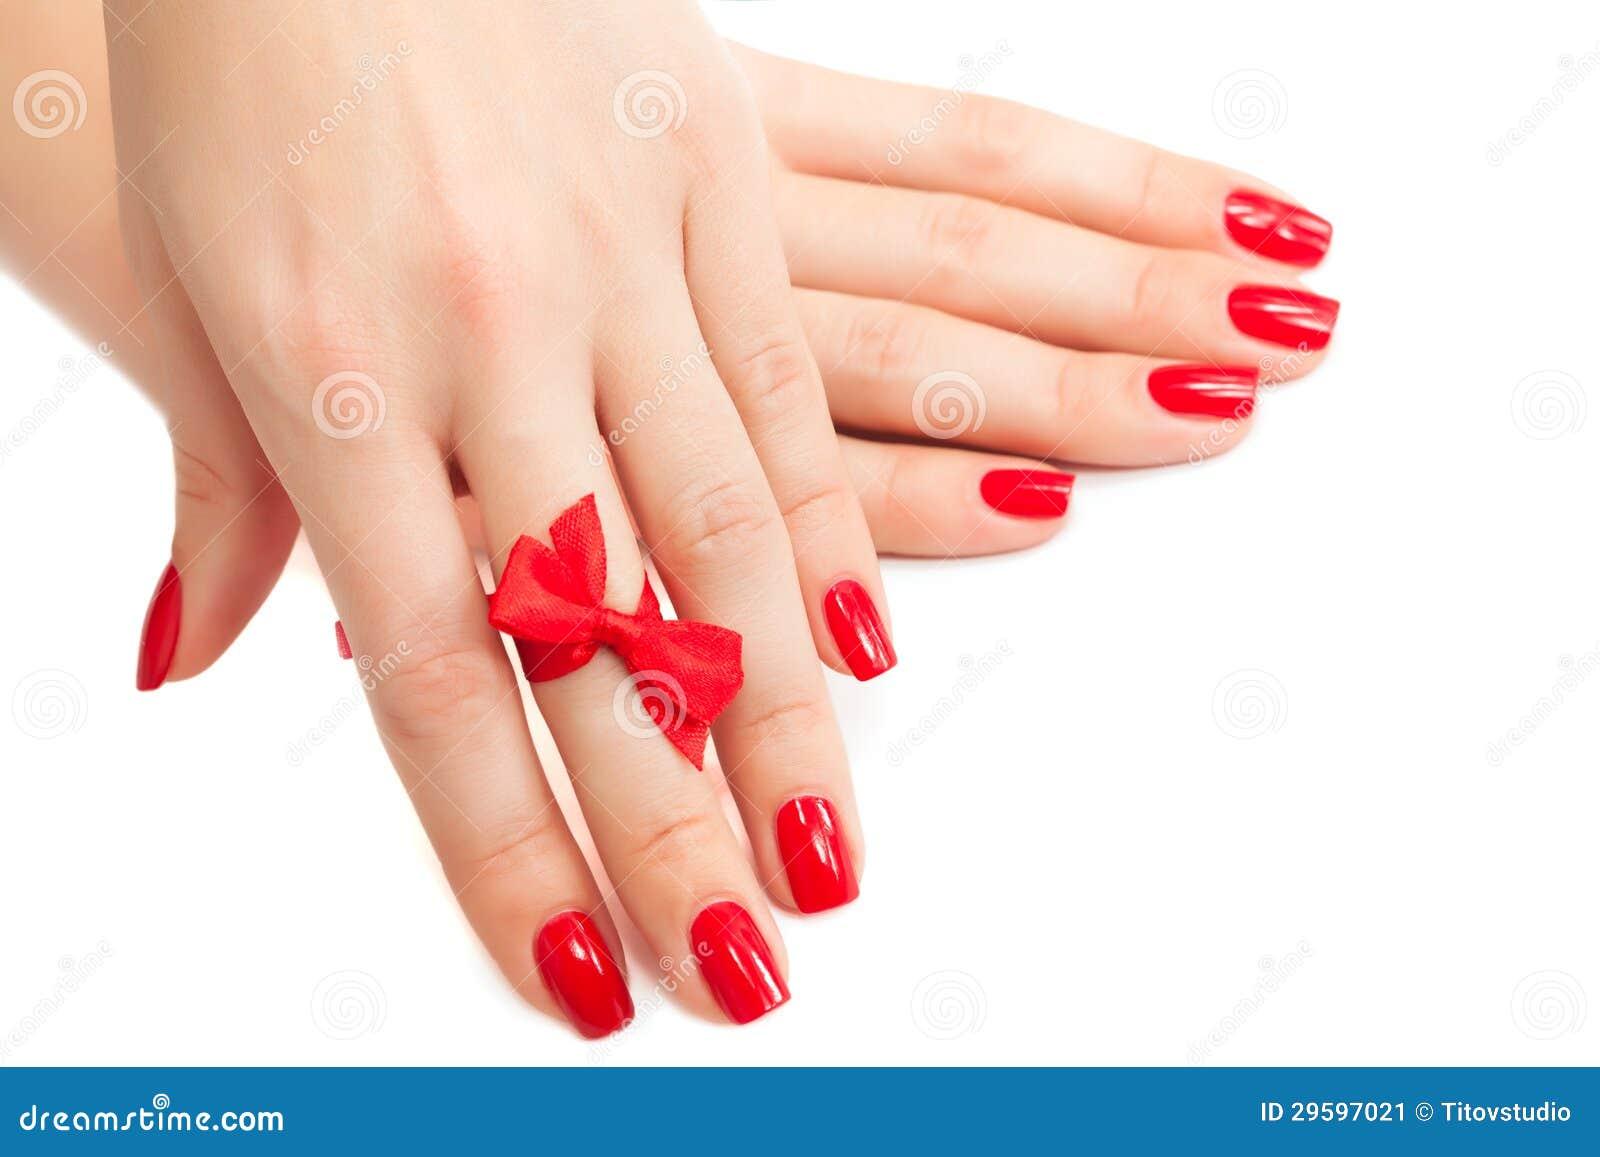 Hände mit roter Maniküre